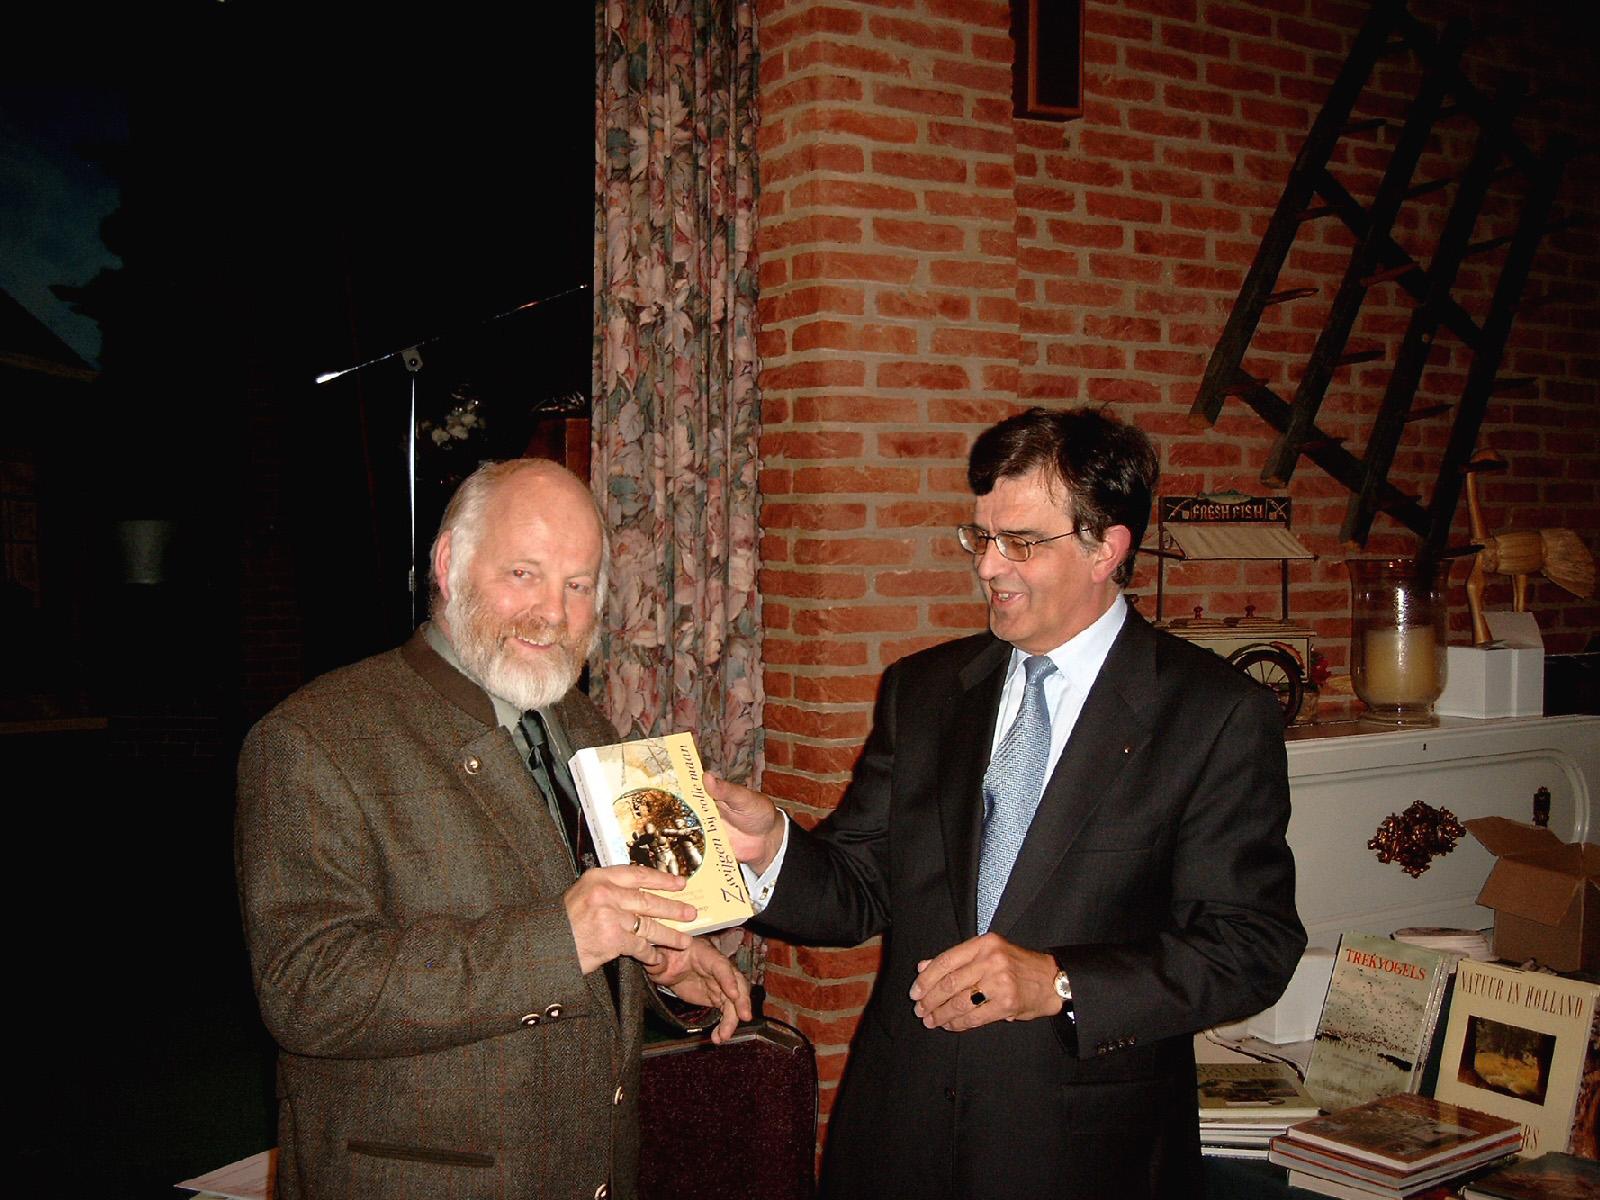 """De overhandiging van het boek """"Zwijgen bij volle maan"""" op vrijdag 17 oktober 2003 - Foto: Jac. Gazenbeekstichting"""